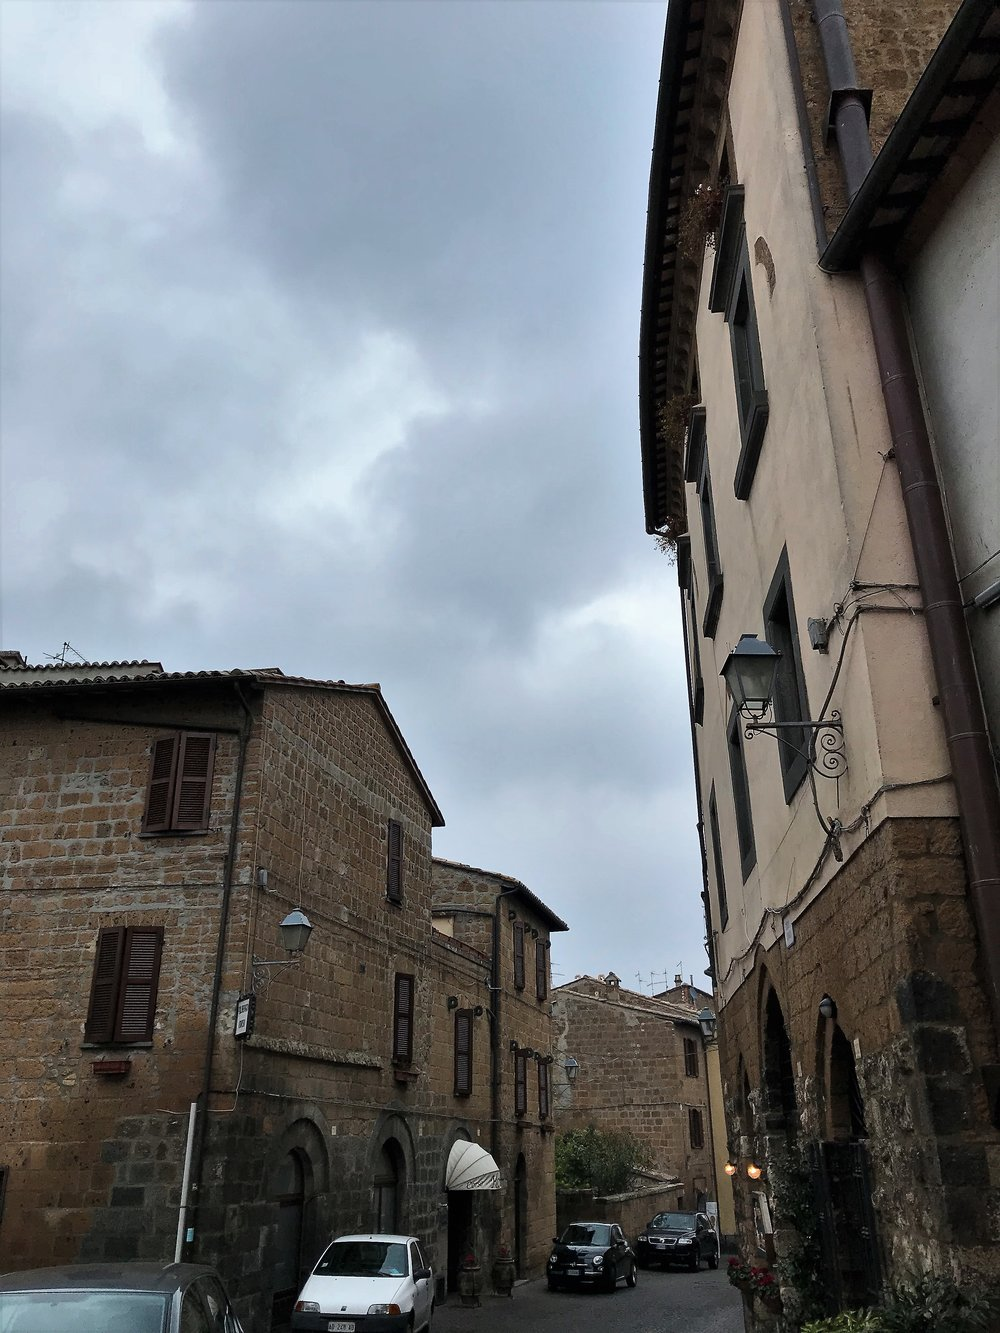 street in Orvieto